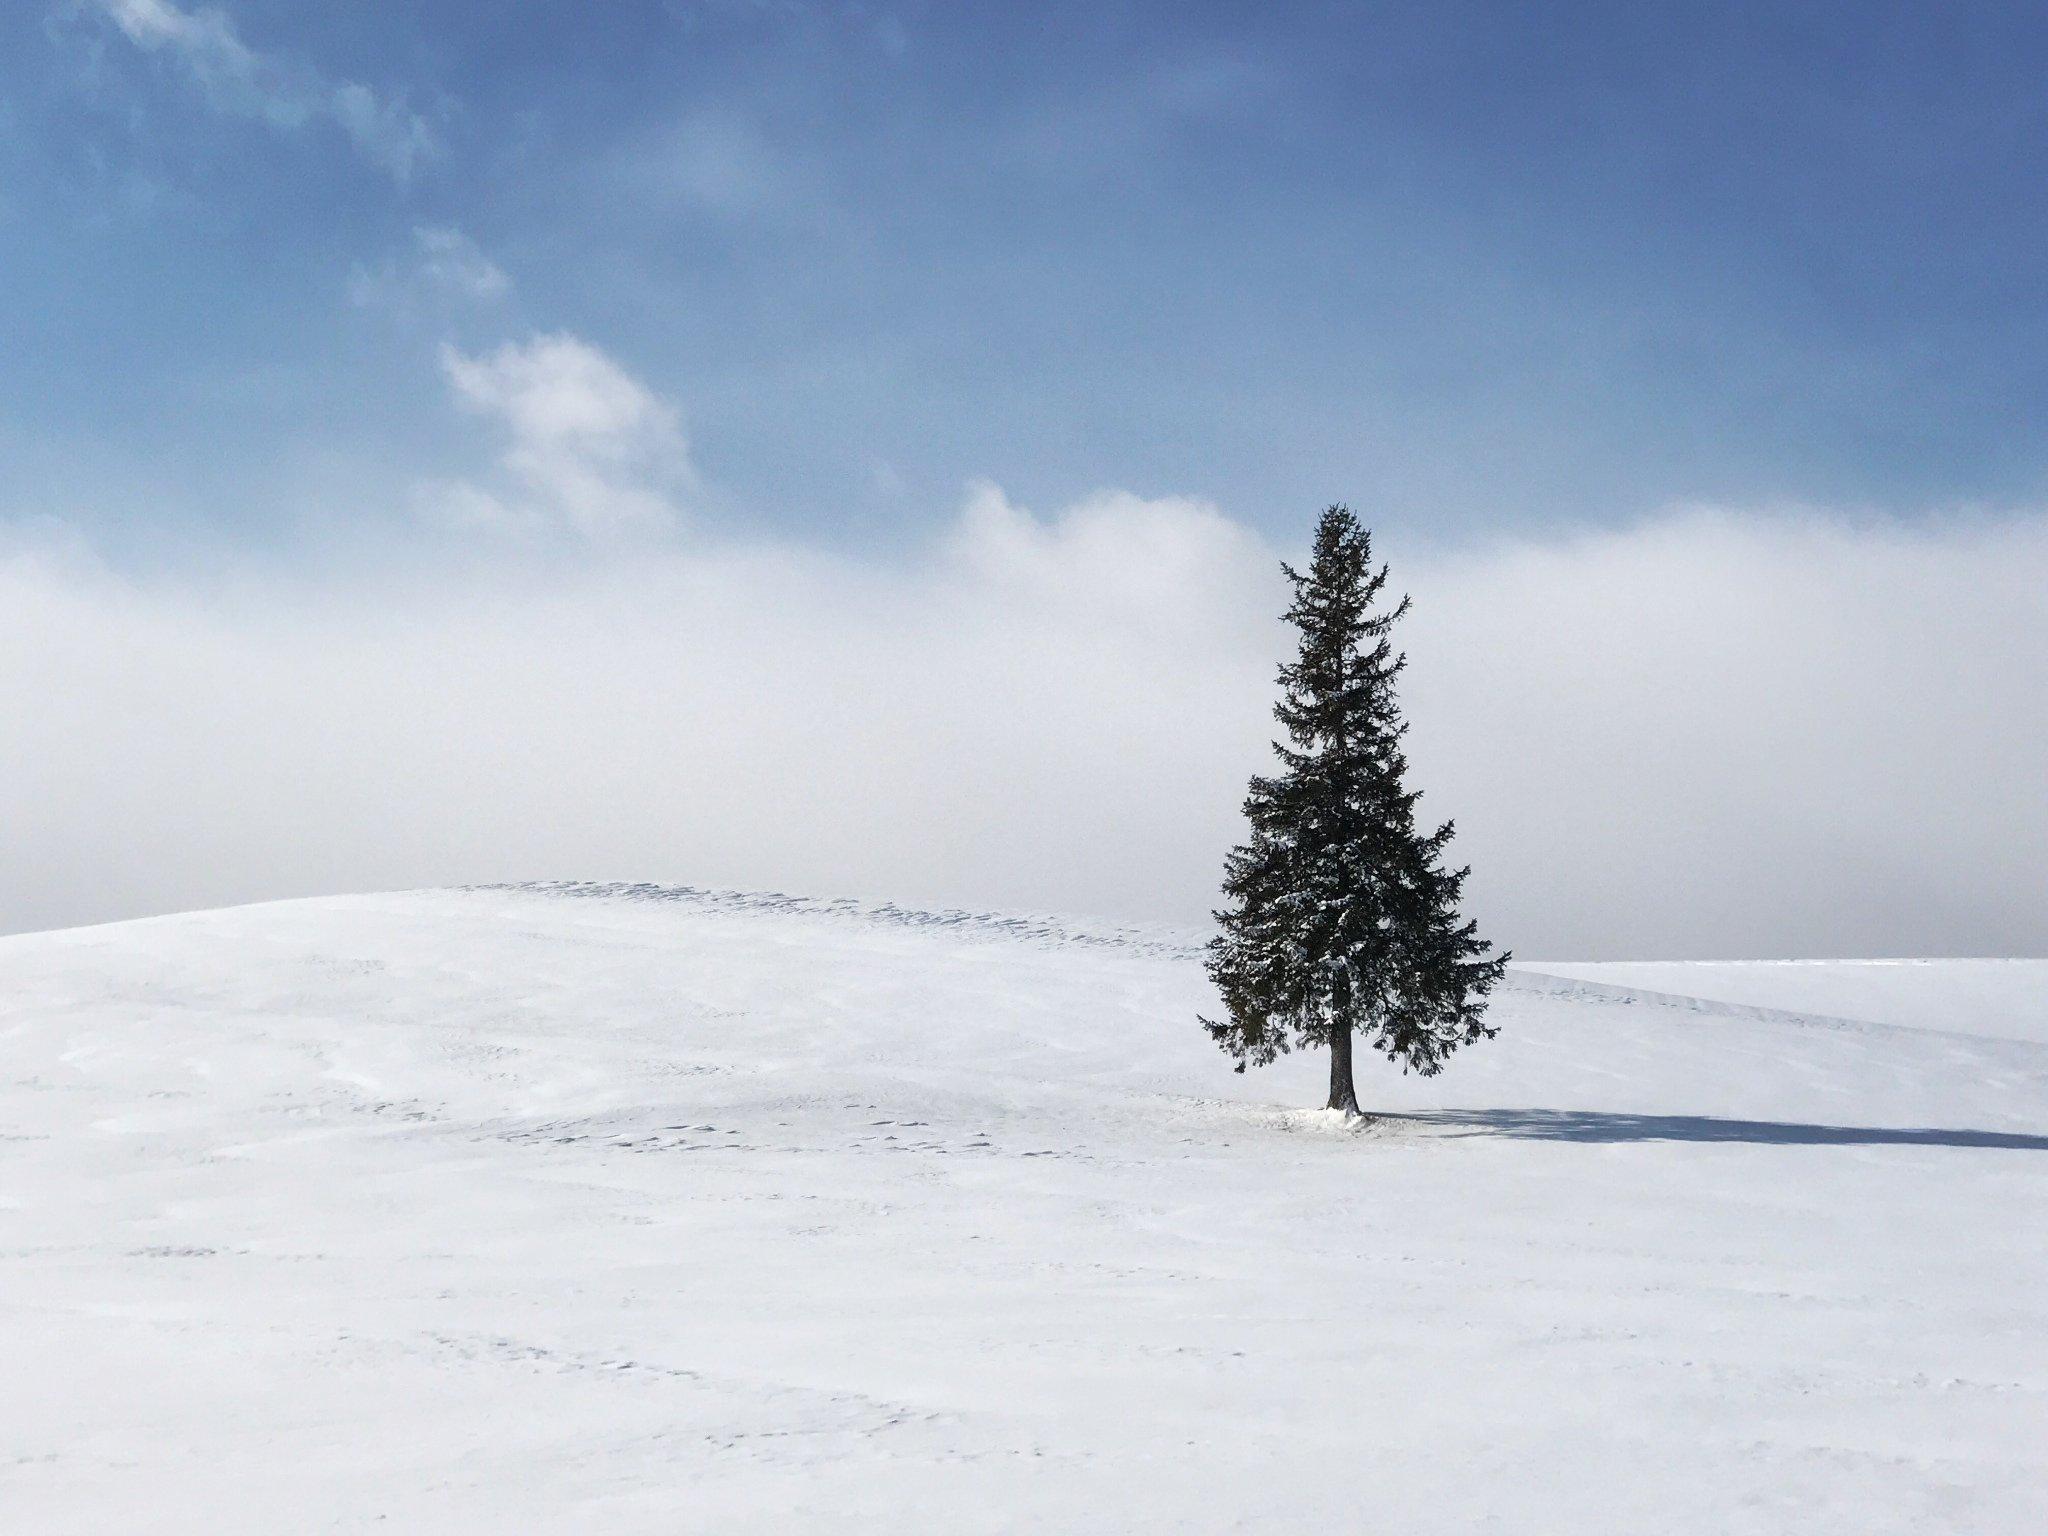 雪の北海道  北国冬日的一封情书